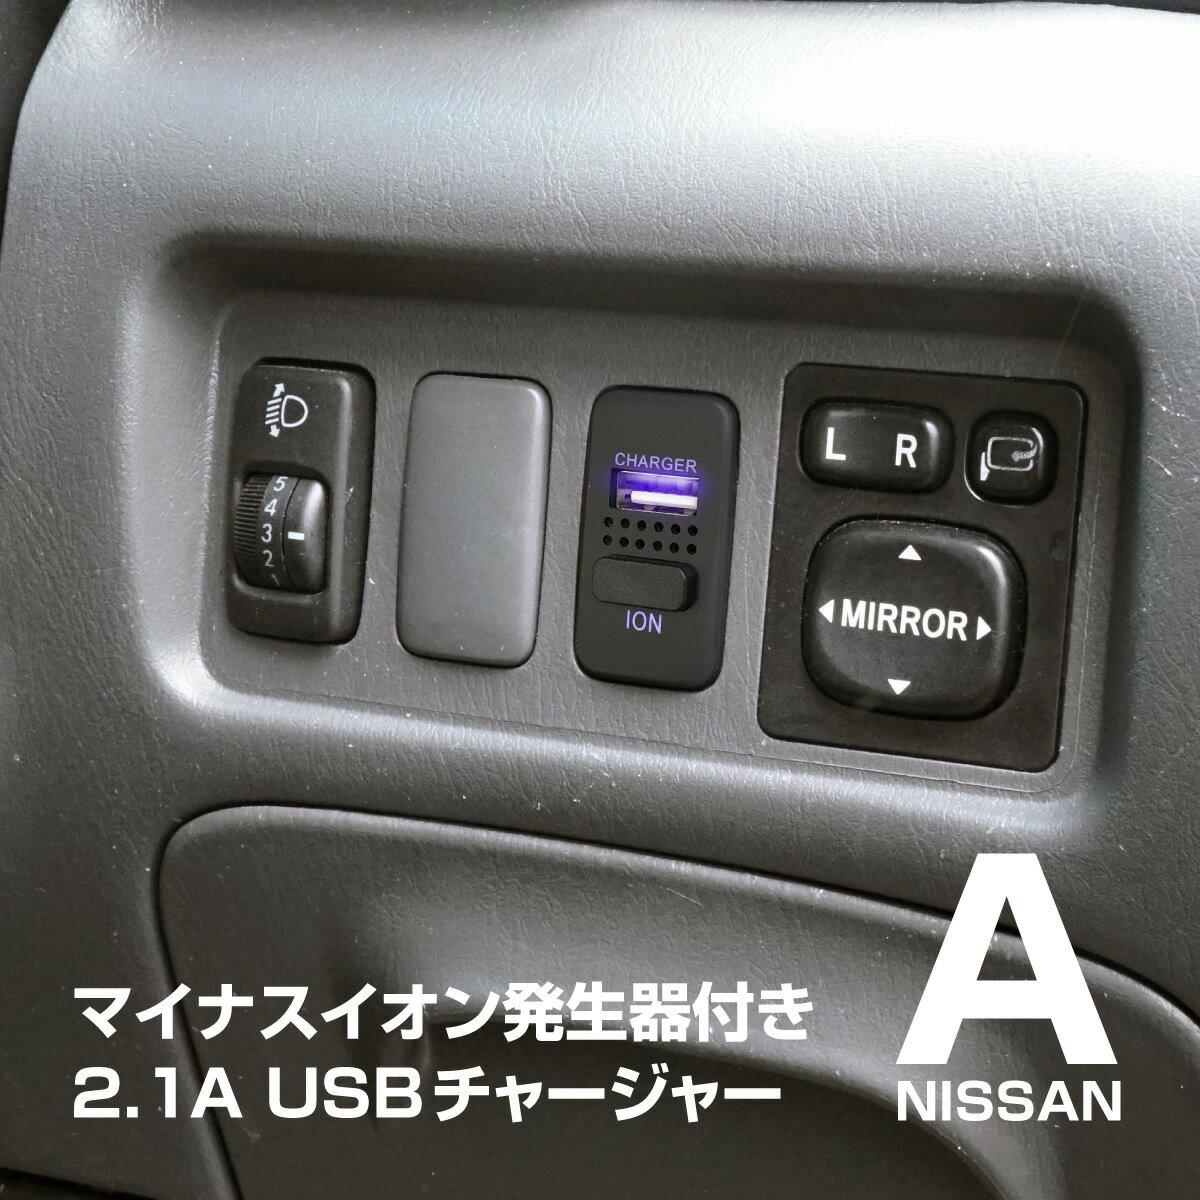 日産 ニッサン セレナ C25 C26 純正スイッチポート用 USBチャージャー 充電 空気清浄機能 消臭 LED ブルー スマホ 車 _59963e